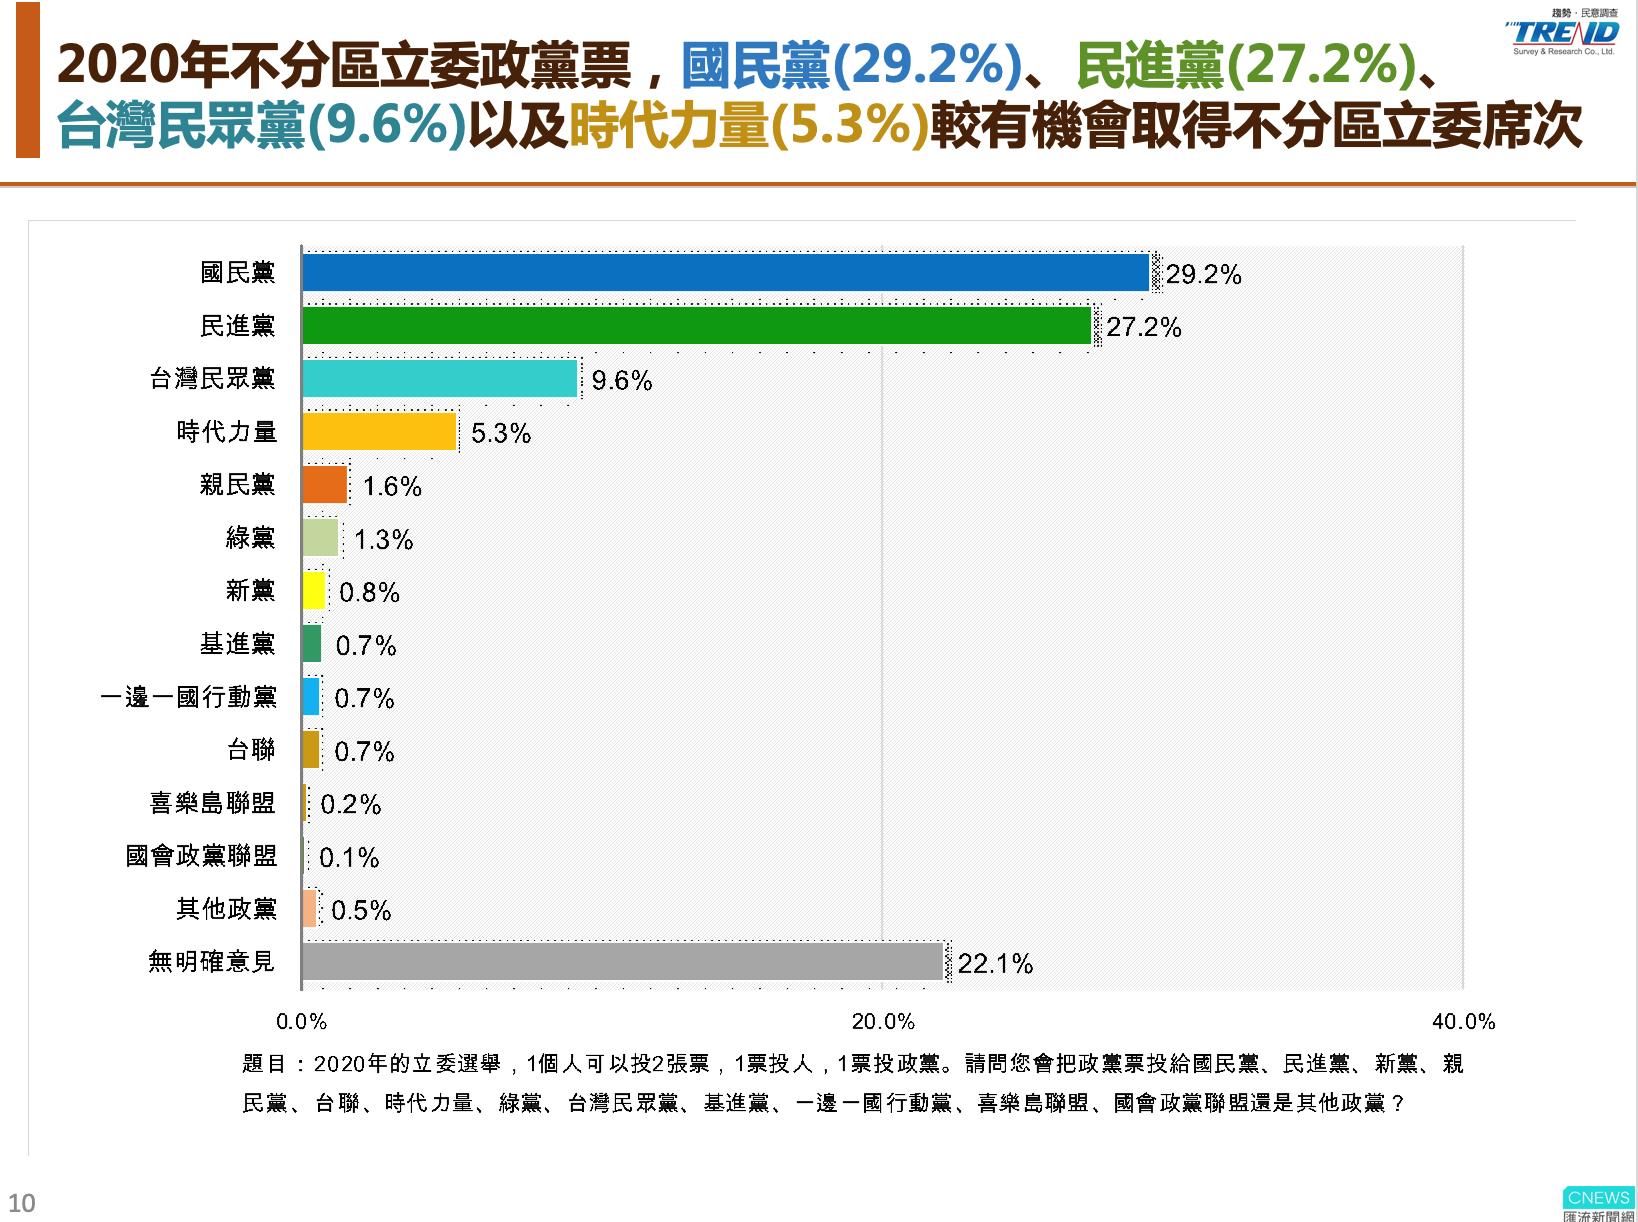 【匯流民調】10月份最新匯流民調 觀察下屆立委選舉 仍只有四黨有機會過5%政黨門檻